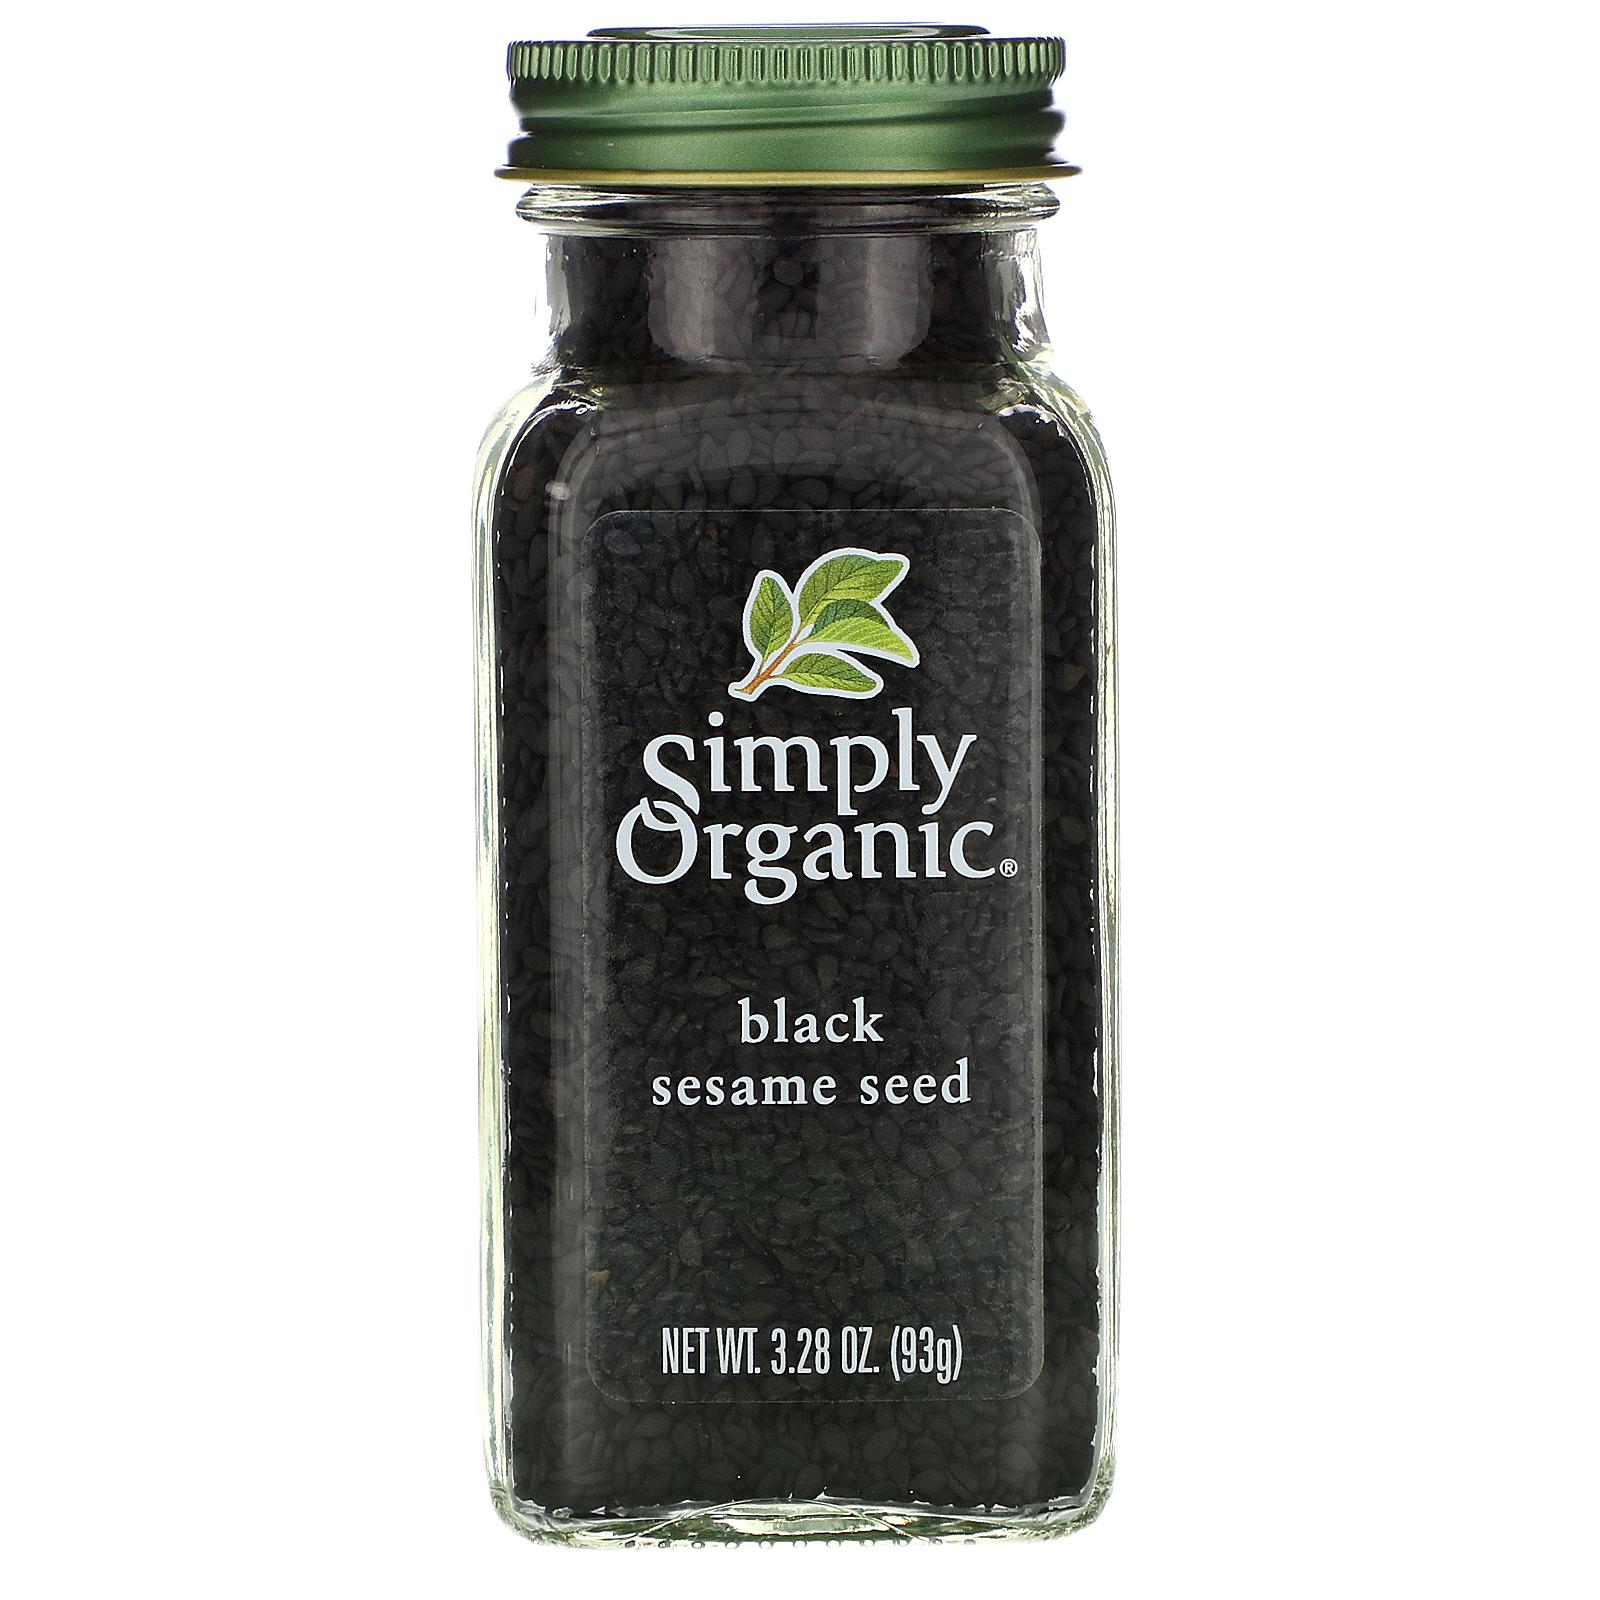 Simply Organic بذور السمسم السوداء العضوية 3 28 أونصة 93 جم Iherb